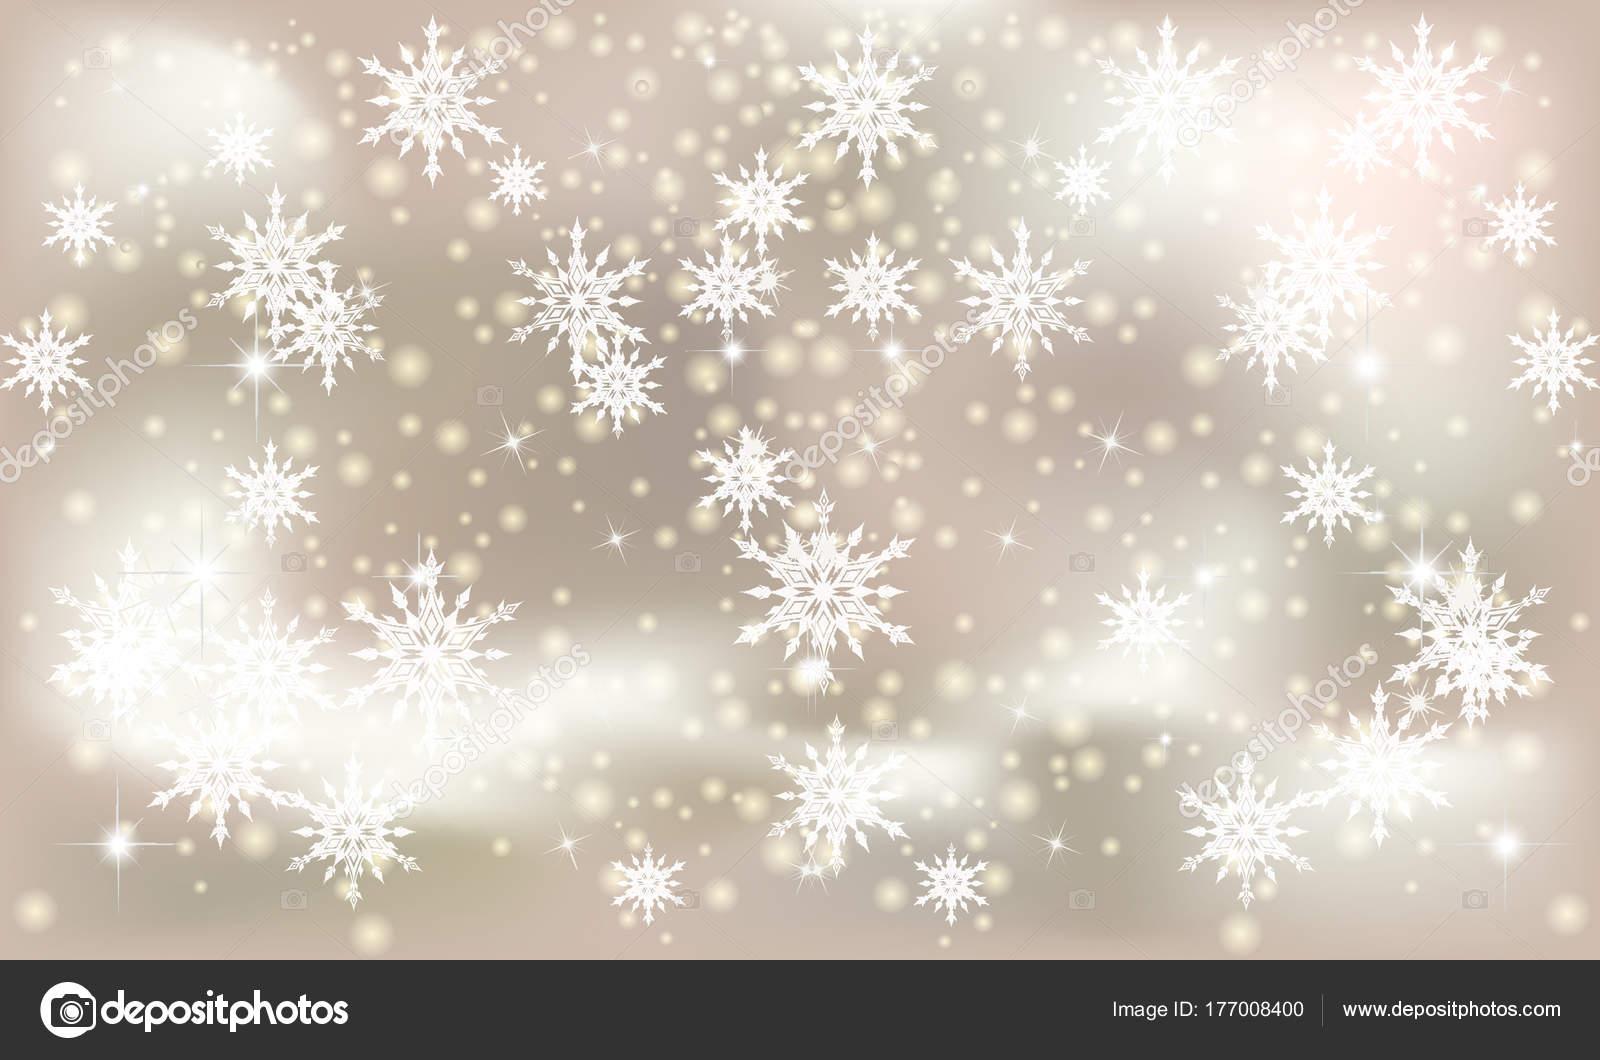 Sfondi Natalizi Eleganti.Illustrazione Nevicata Disegno Disegno Illustrazione Vettoriale